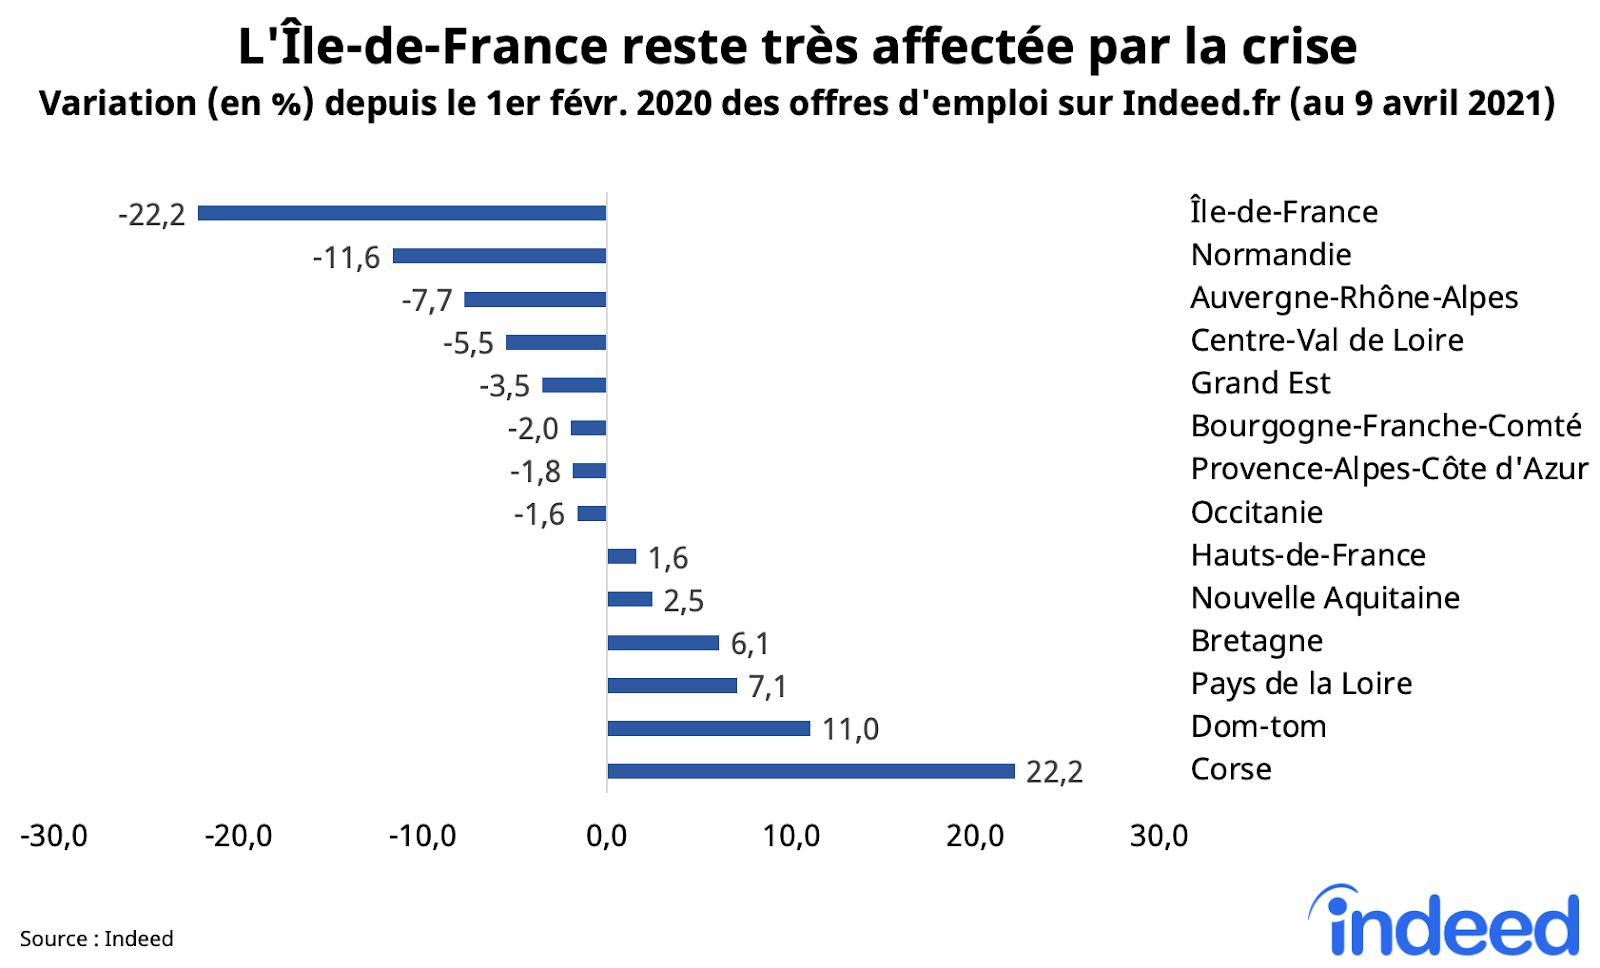 L'ile-de-france reste tres affectee par la crise